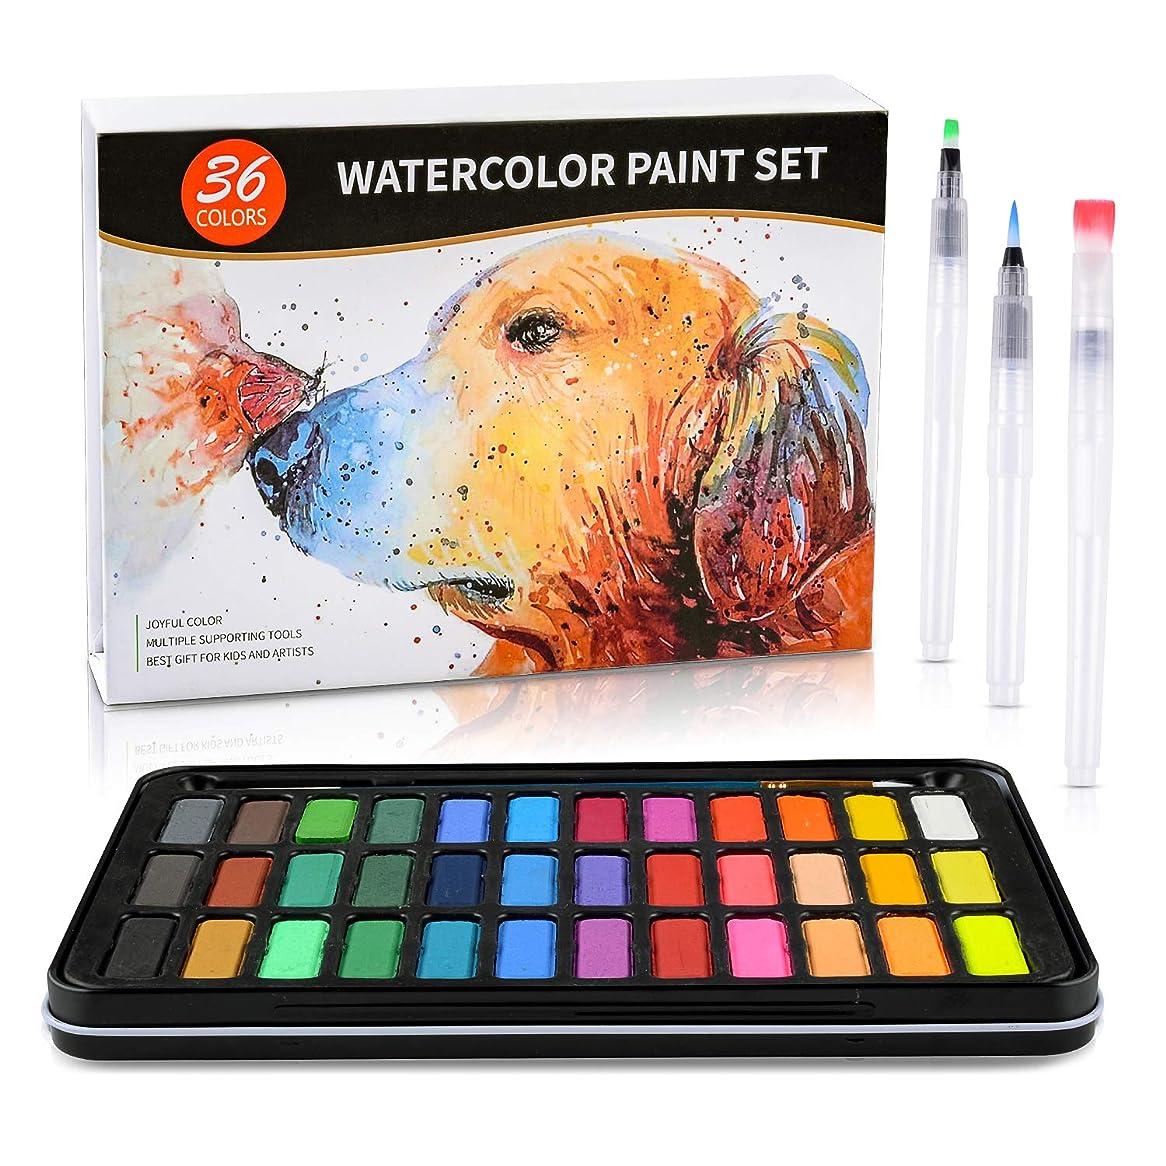 水彩絵の具セット - 36色の楽しい色の軽量メタルケース入り - 細かな絵筆1本 - 水筆3本 - 300Gの水彩画用紙8本 子供やアート愛好家に最適なギフトボックス入り